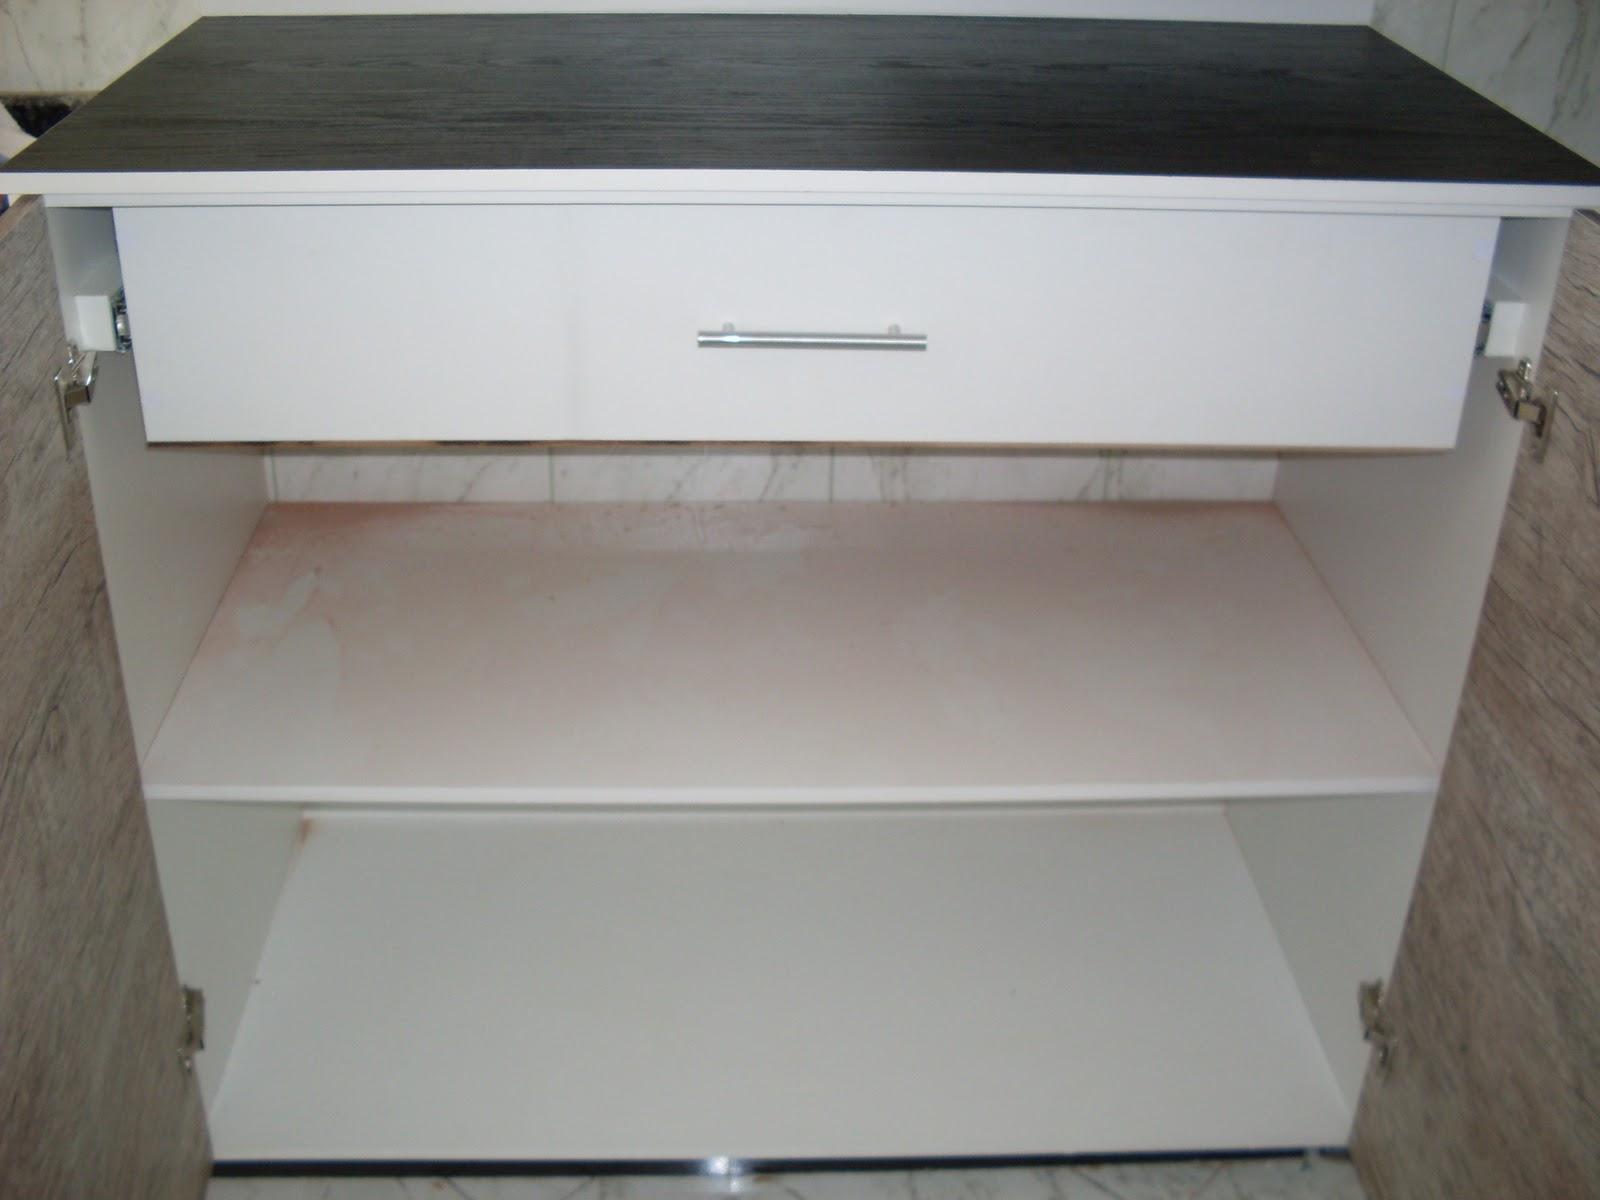 Marcenaria Mariano: gabinete de pia para banheiro e cozinha pranejada #595147 1600 1200